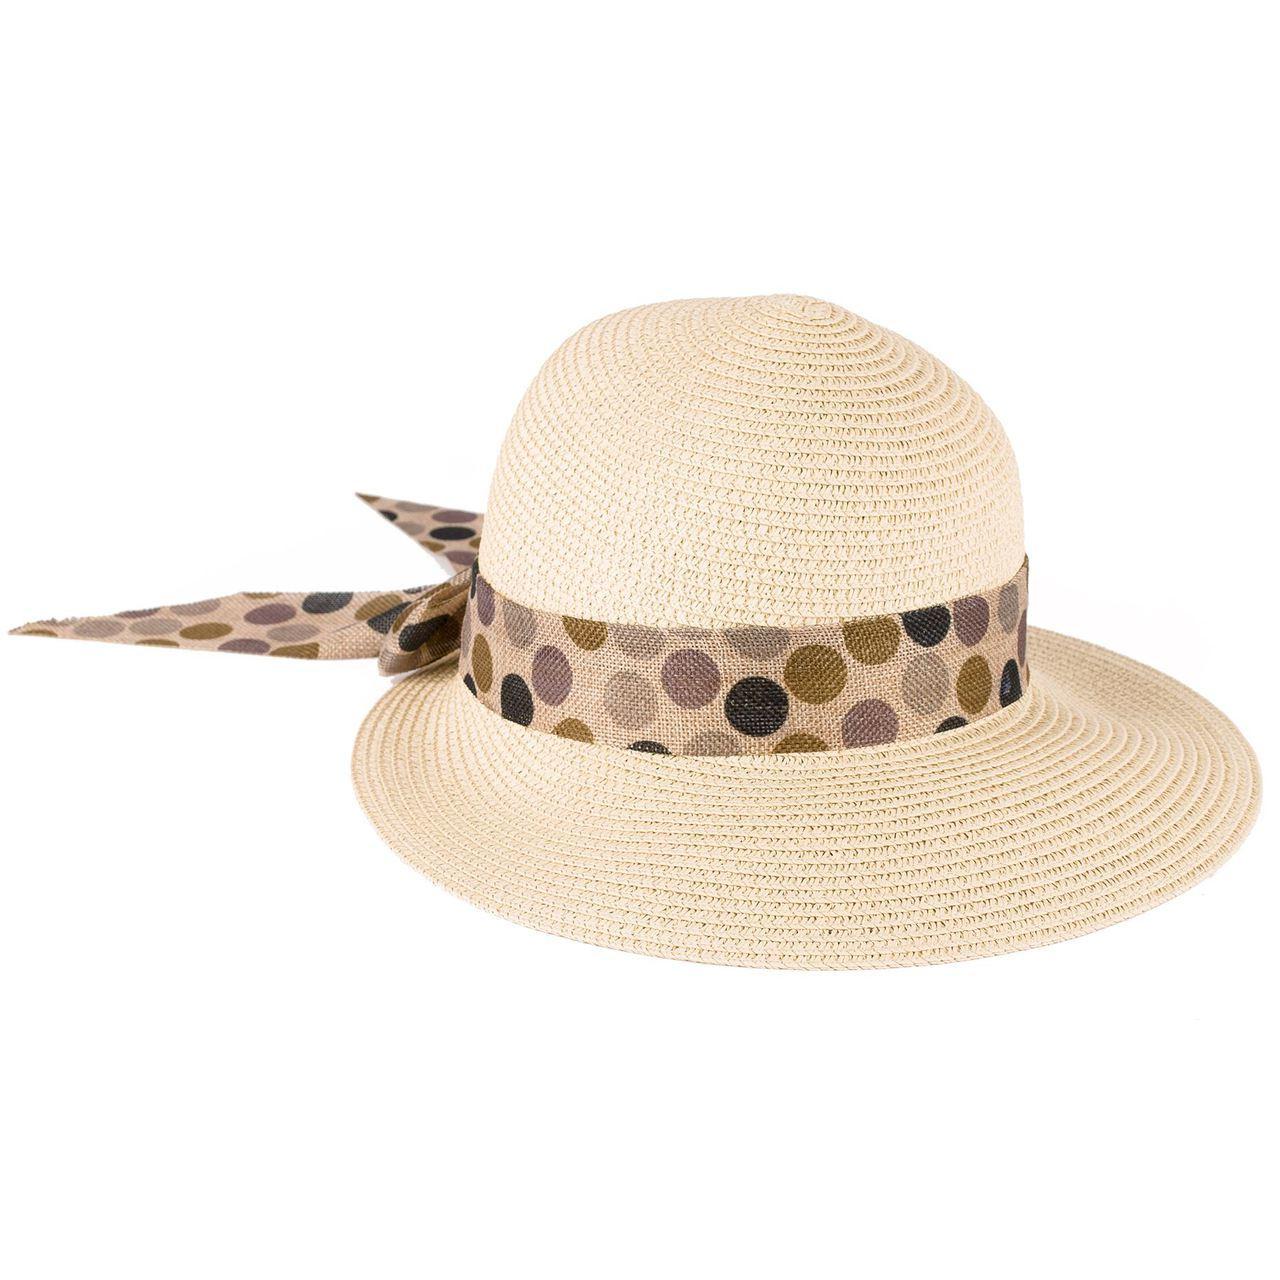 Letní klobouk barva smetenová Assante 161234